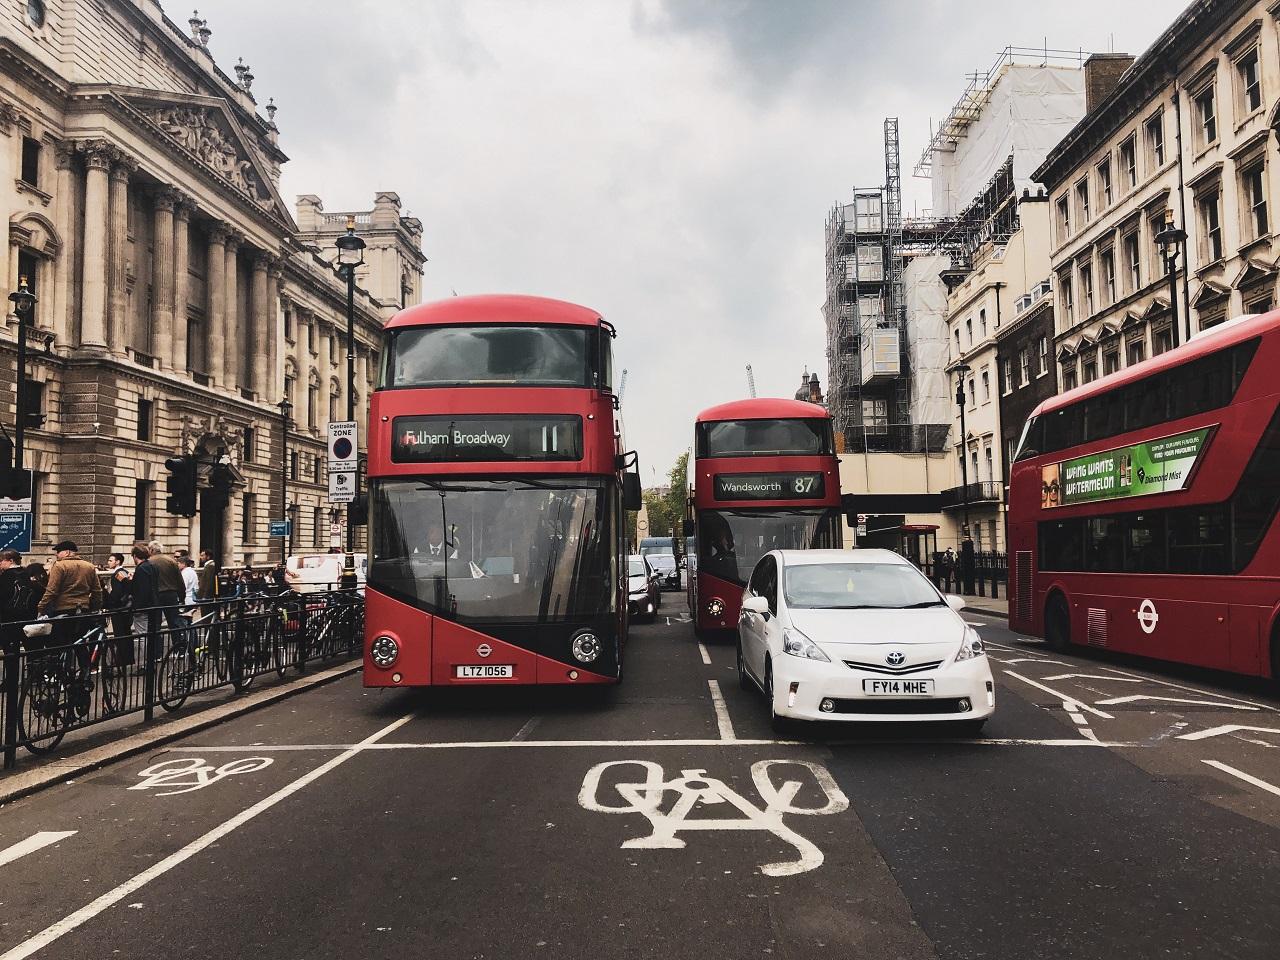 Je vous prépare bientôt d'autres articles sur la ville de Londres.